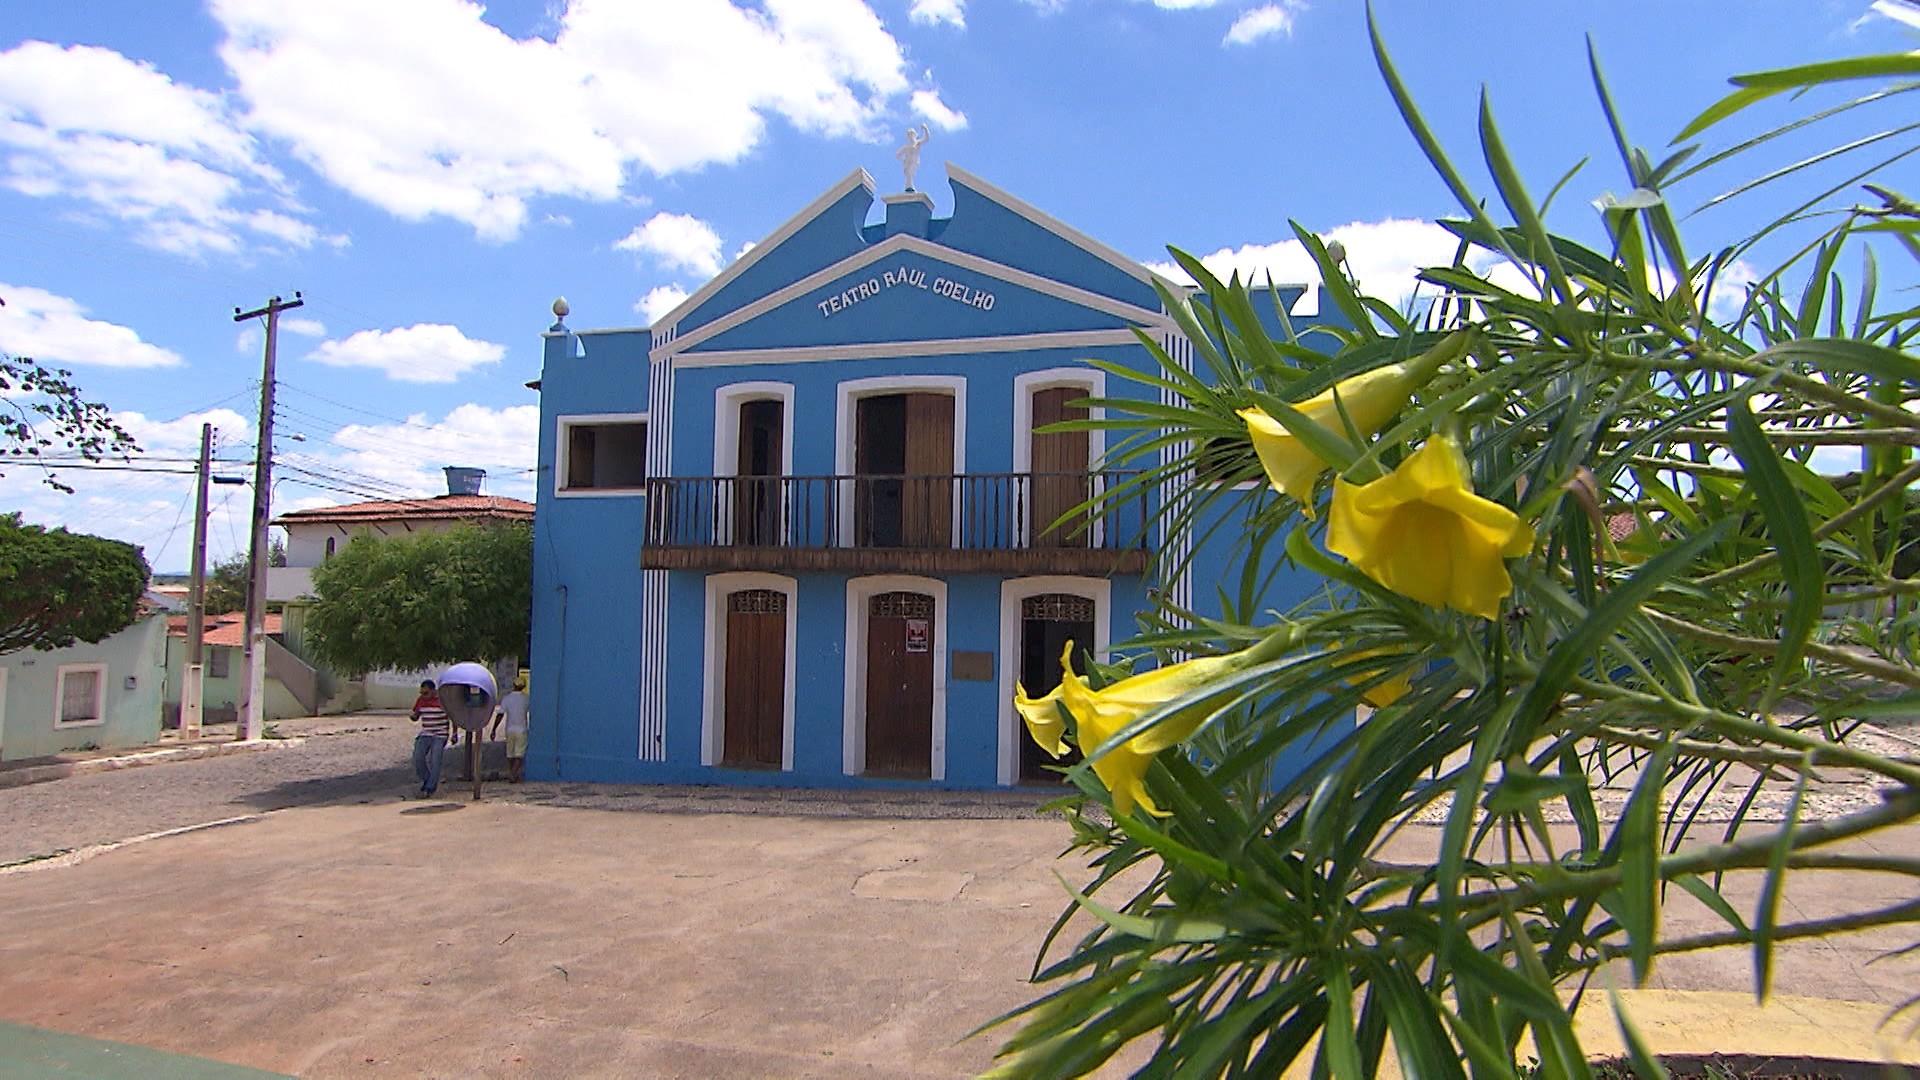 Conheça o Teatro Raul Coelho, segundo mais antigo do estado, localizado em Curaçá, norte da Bahia (Foto: Divulgação)